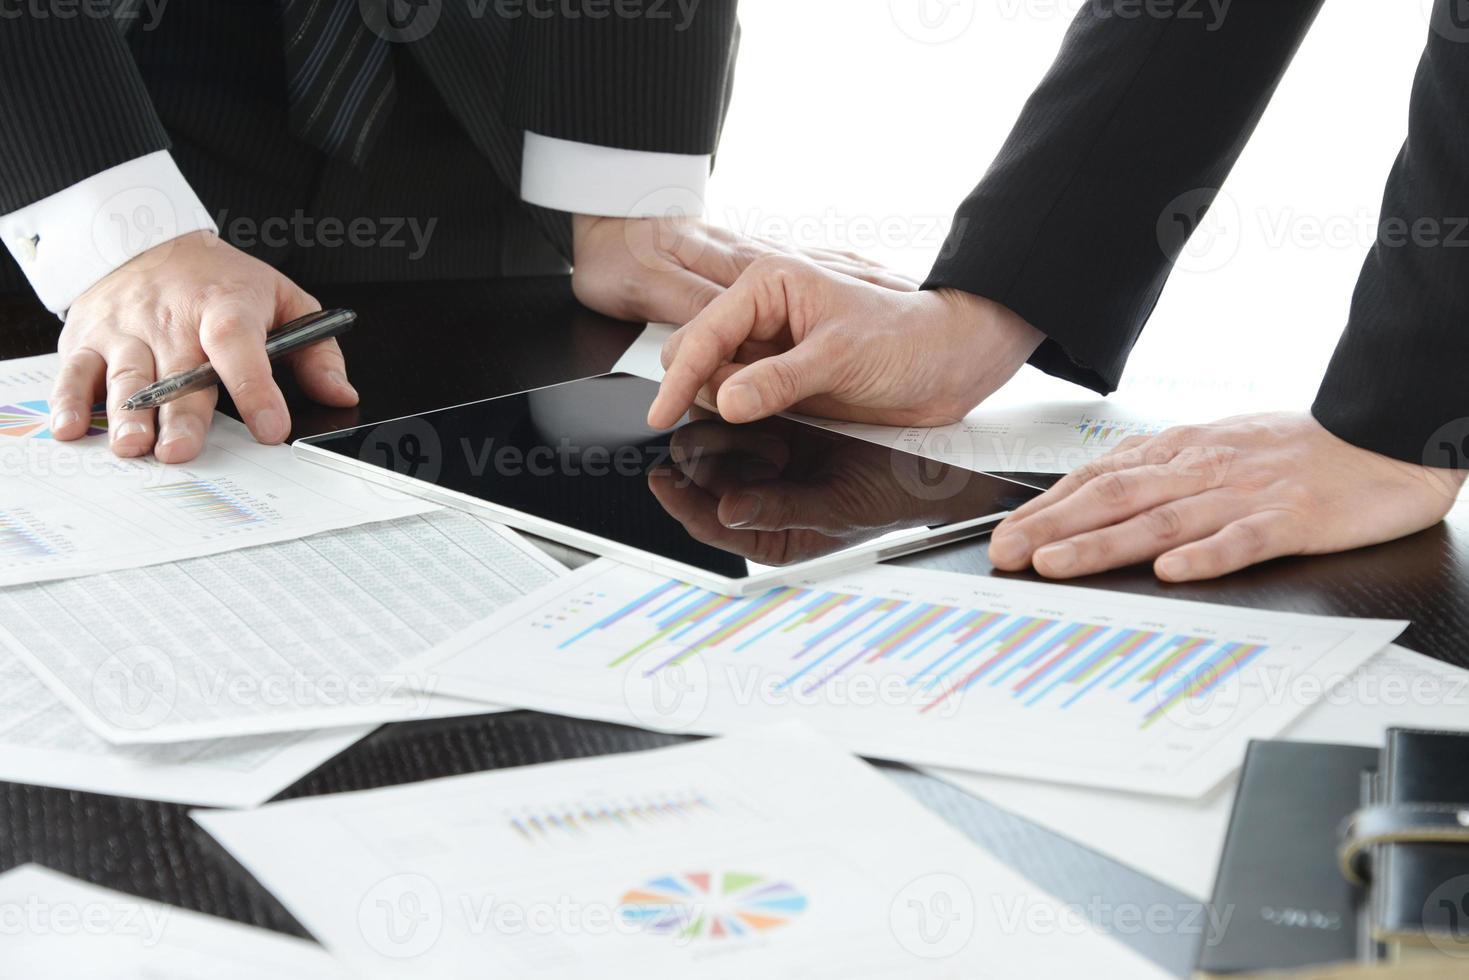 réunion d'affaires avec tablette numérique et papiers photo